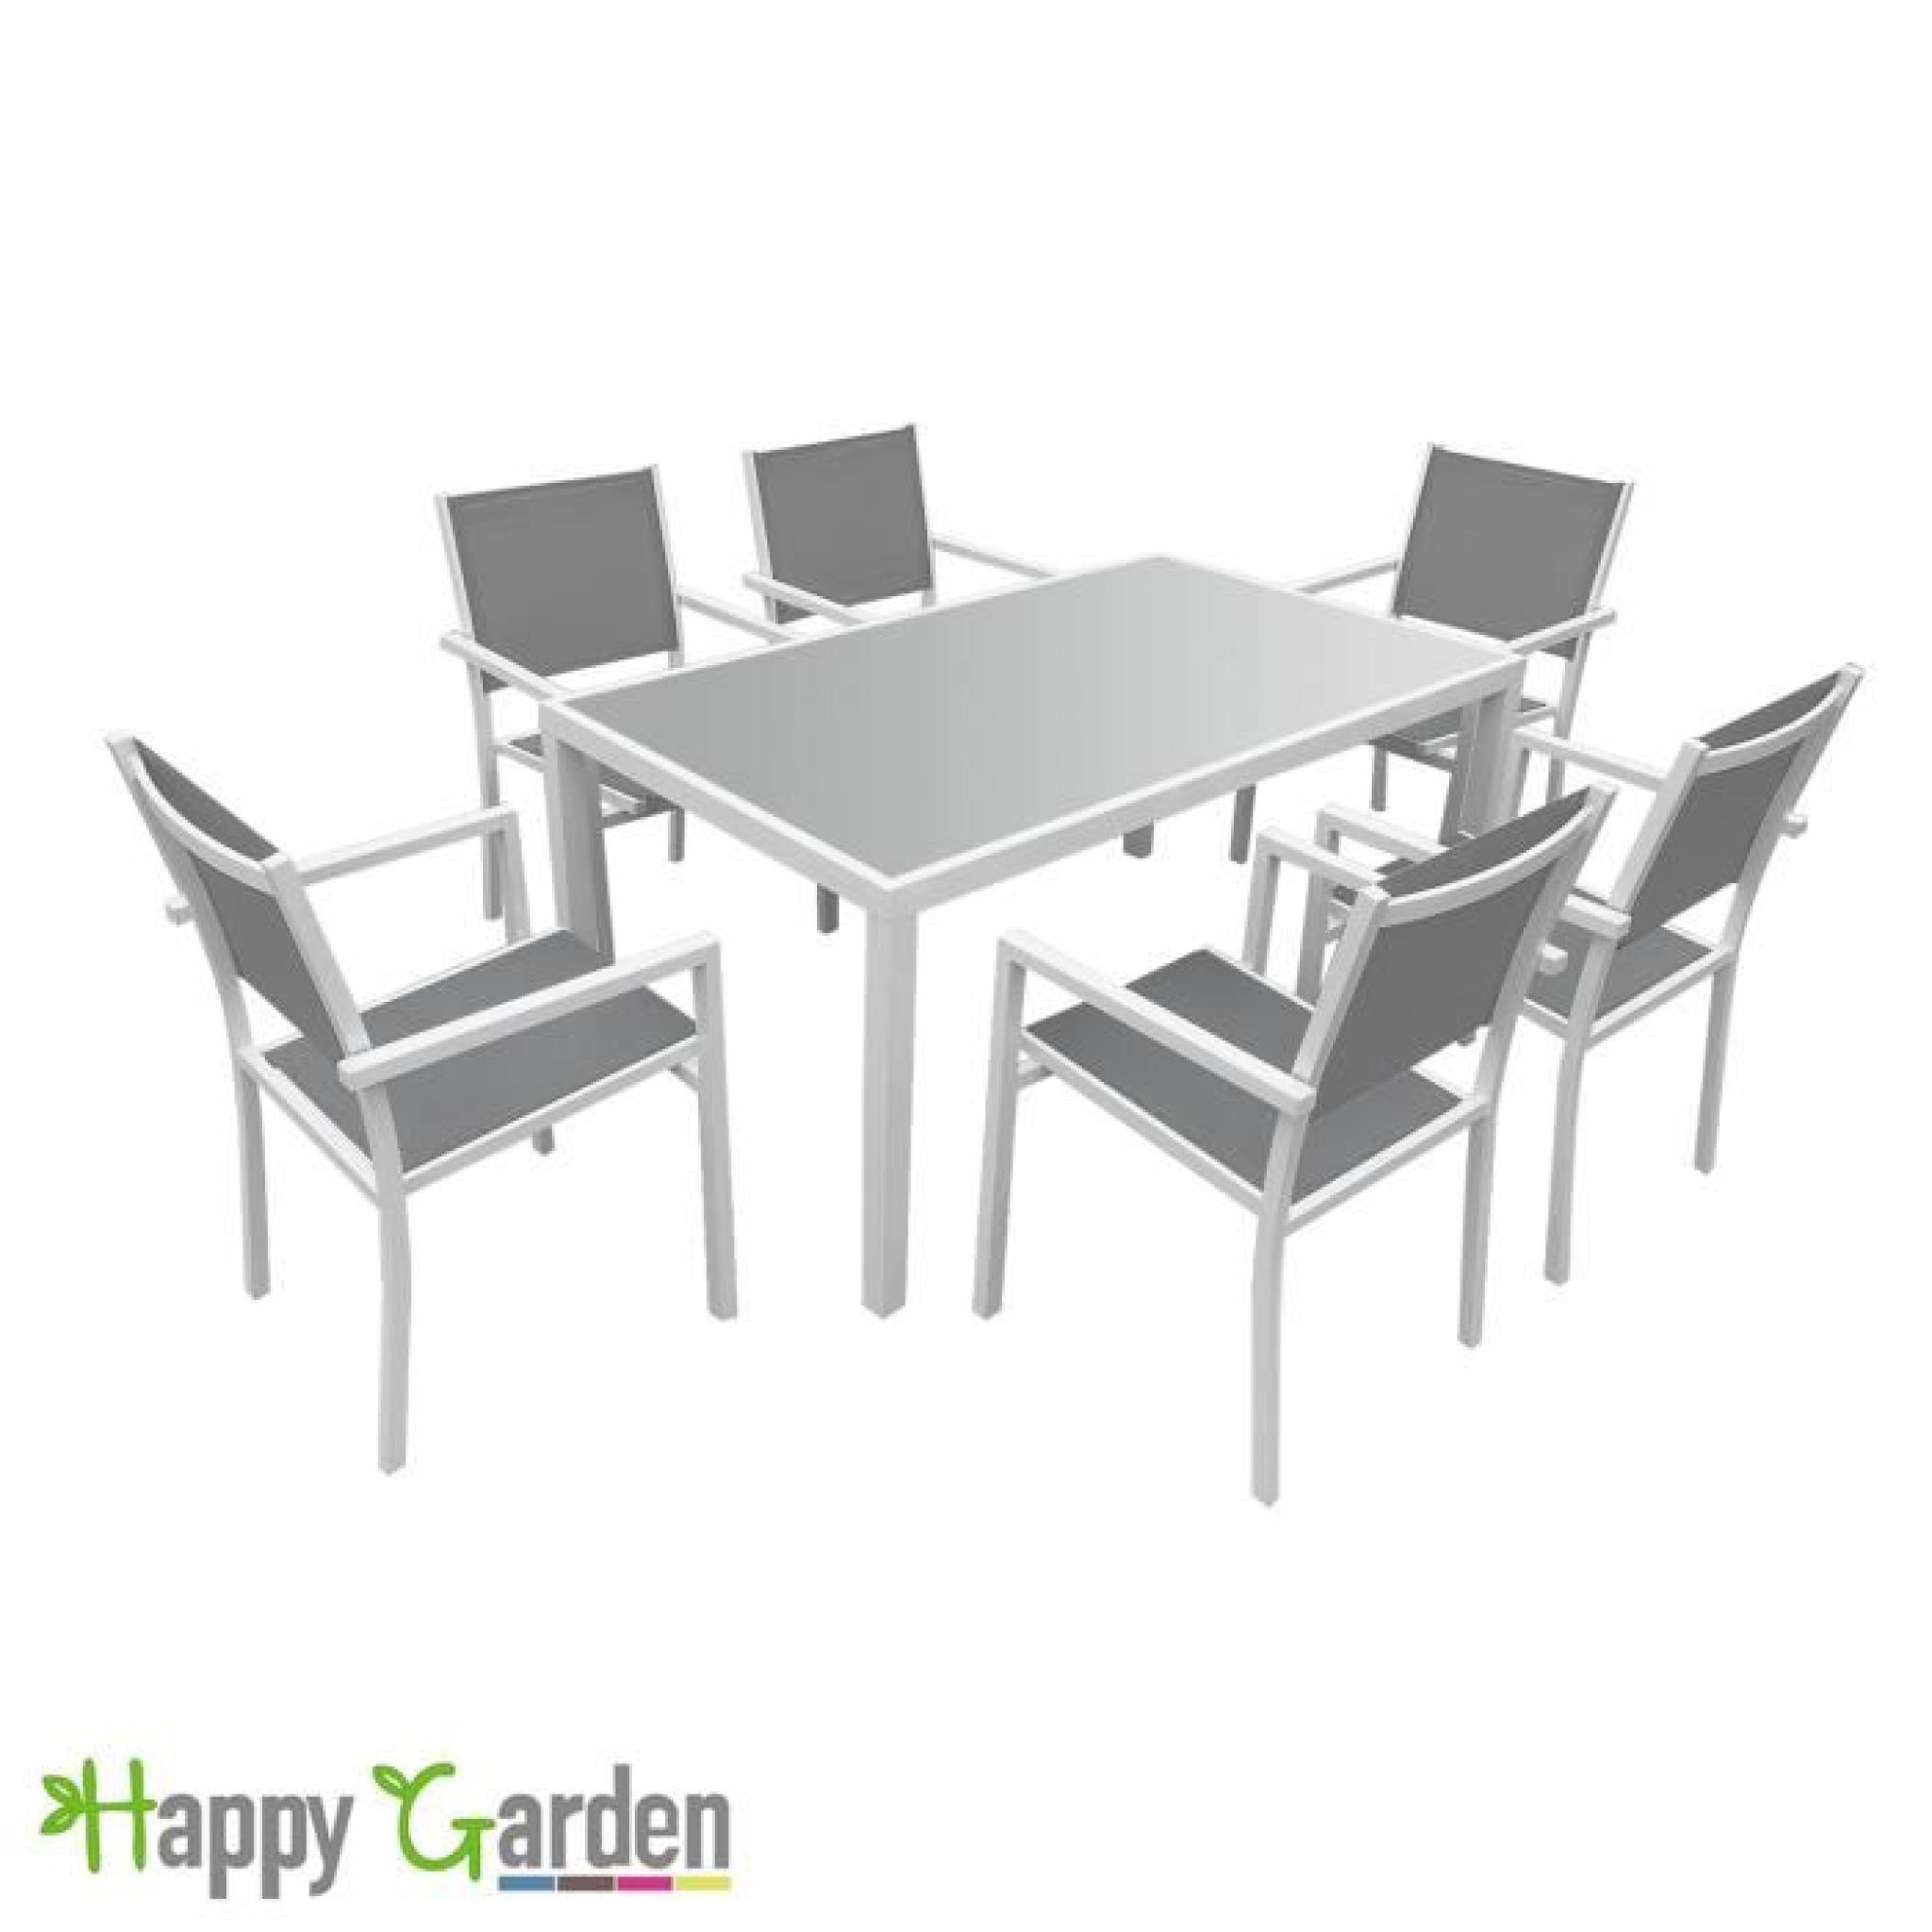 Salon de jardin BERGAMO en textilène gris 6 places - aluminium anthracite